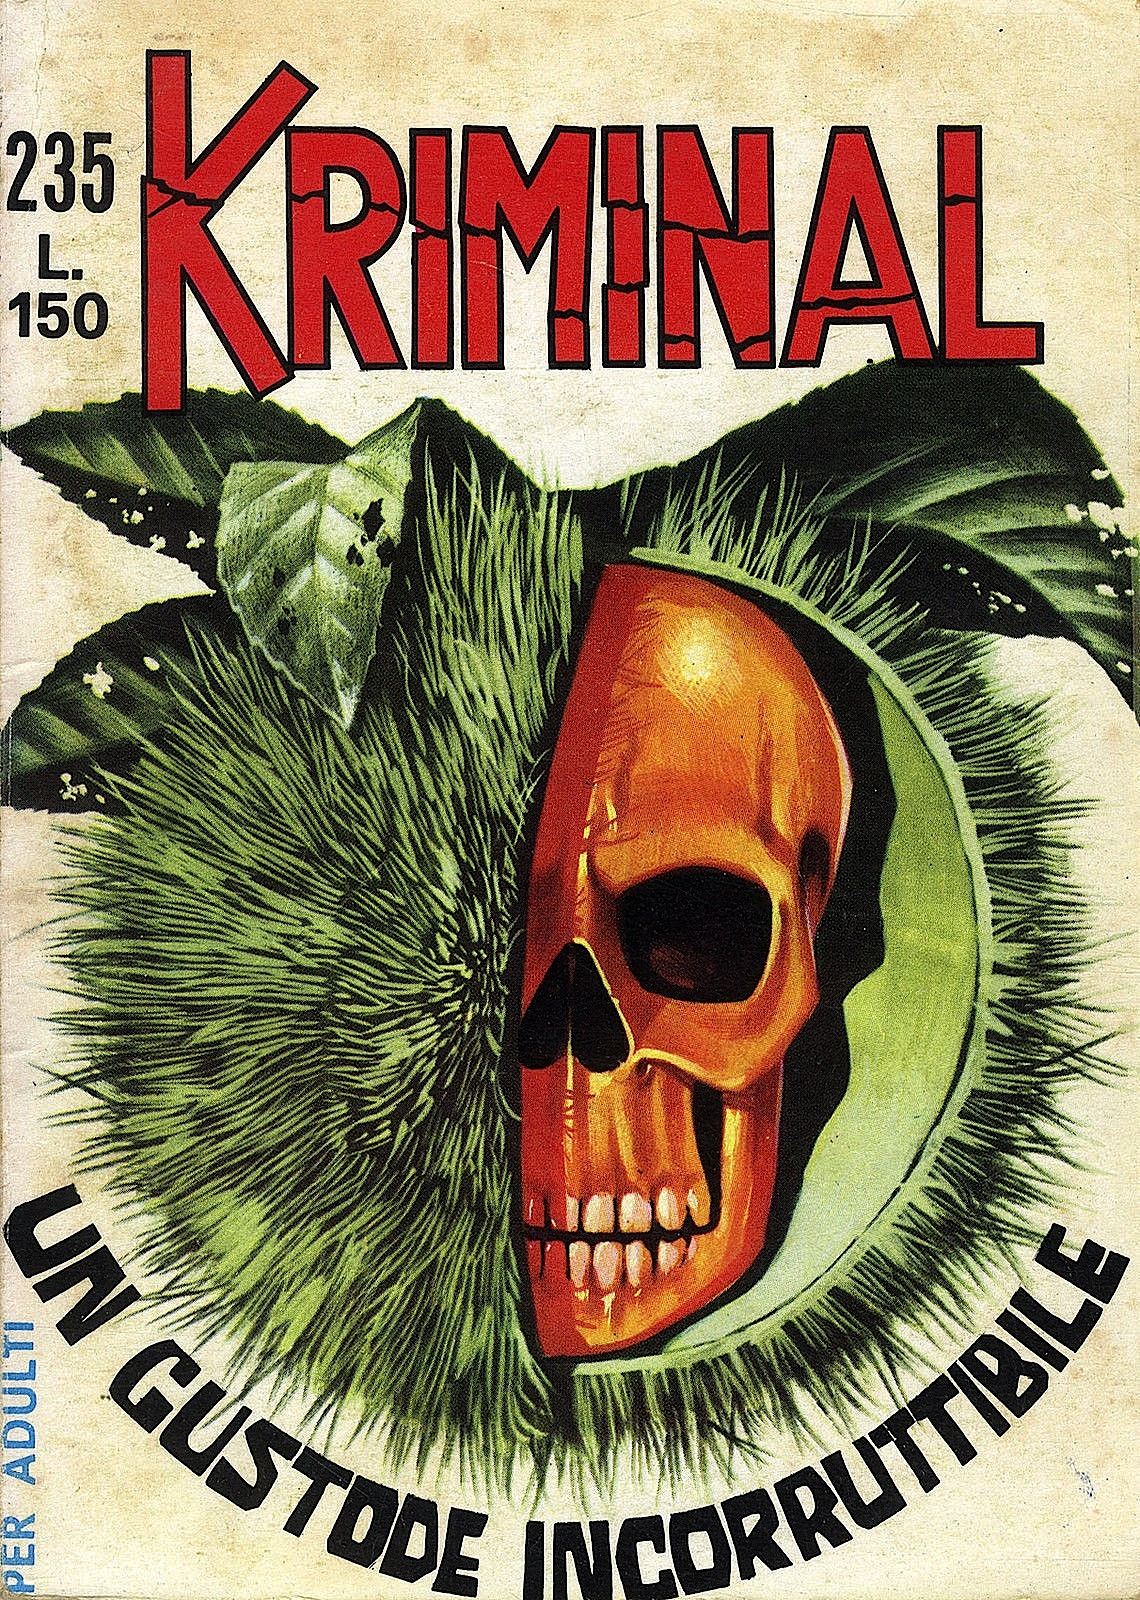 Kriminal_corno_235_anni_70